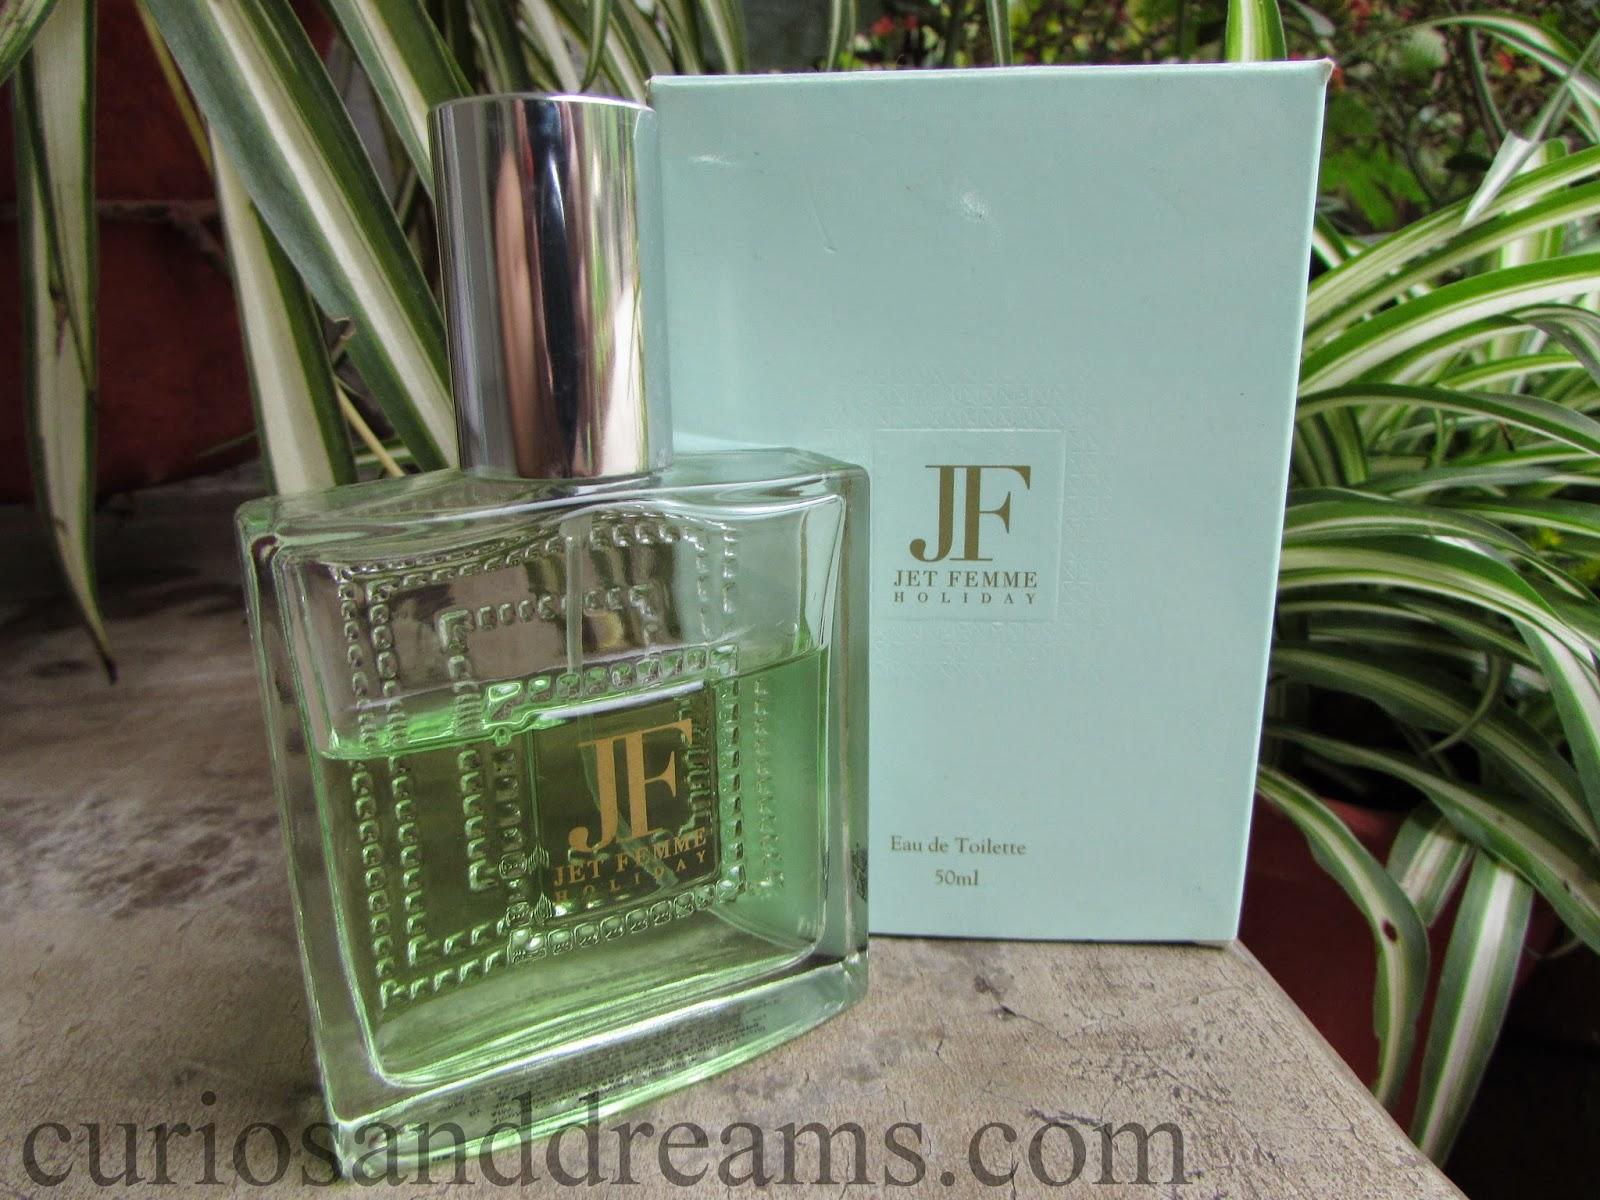 Avon Jet Femme Holiday Eau De Toilette review, Avon Jet Femme Holiday review, Avon Jet Femme Holiday edt review